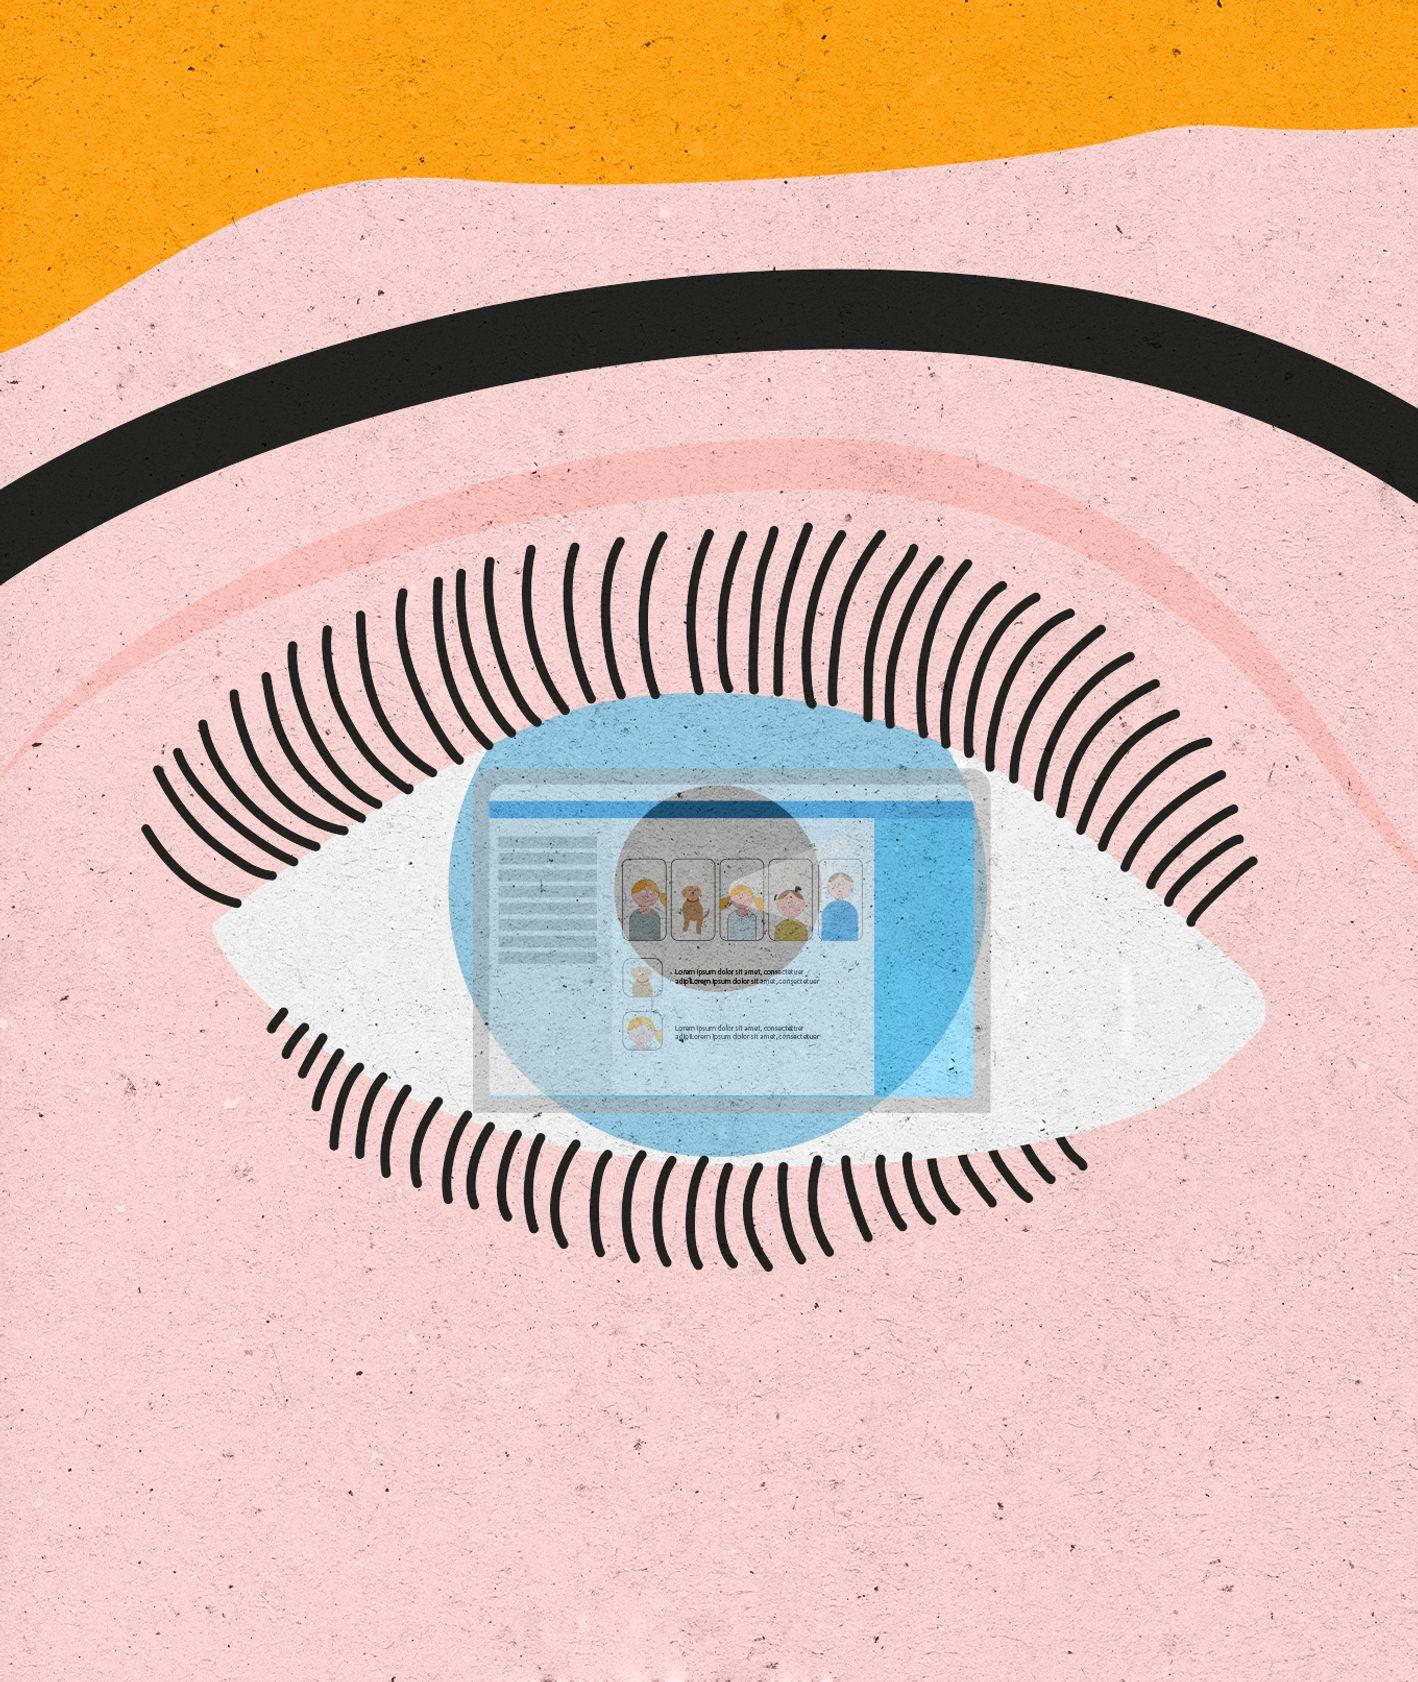 Oko w którym widać odbicie komputera. (il. Marcin Lewandowski)